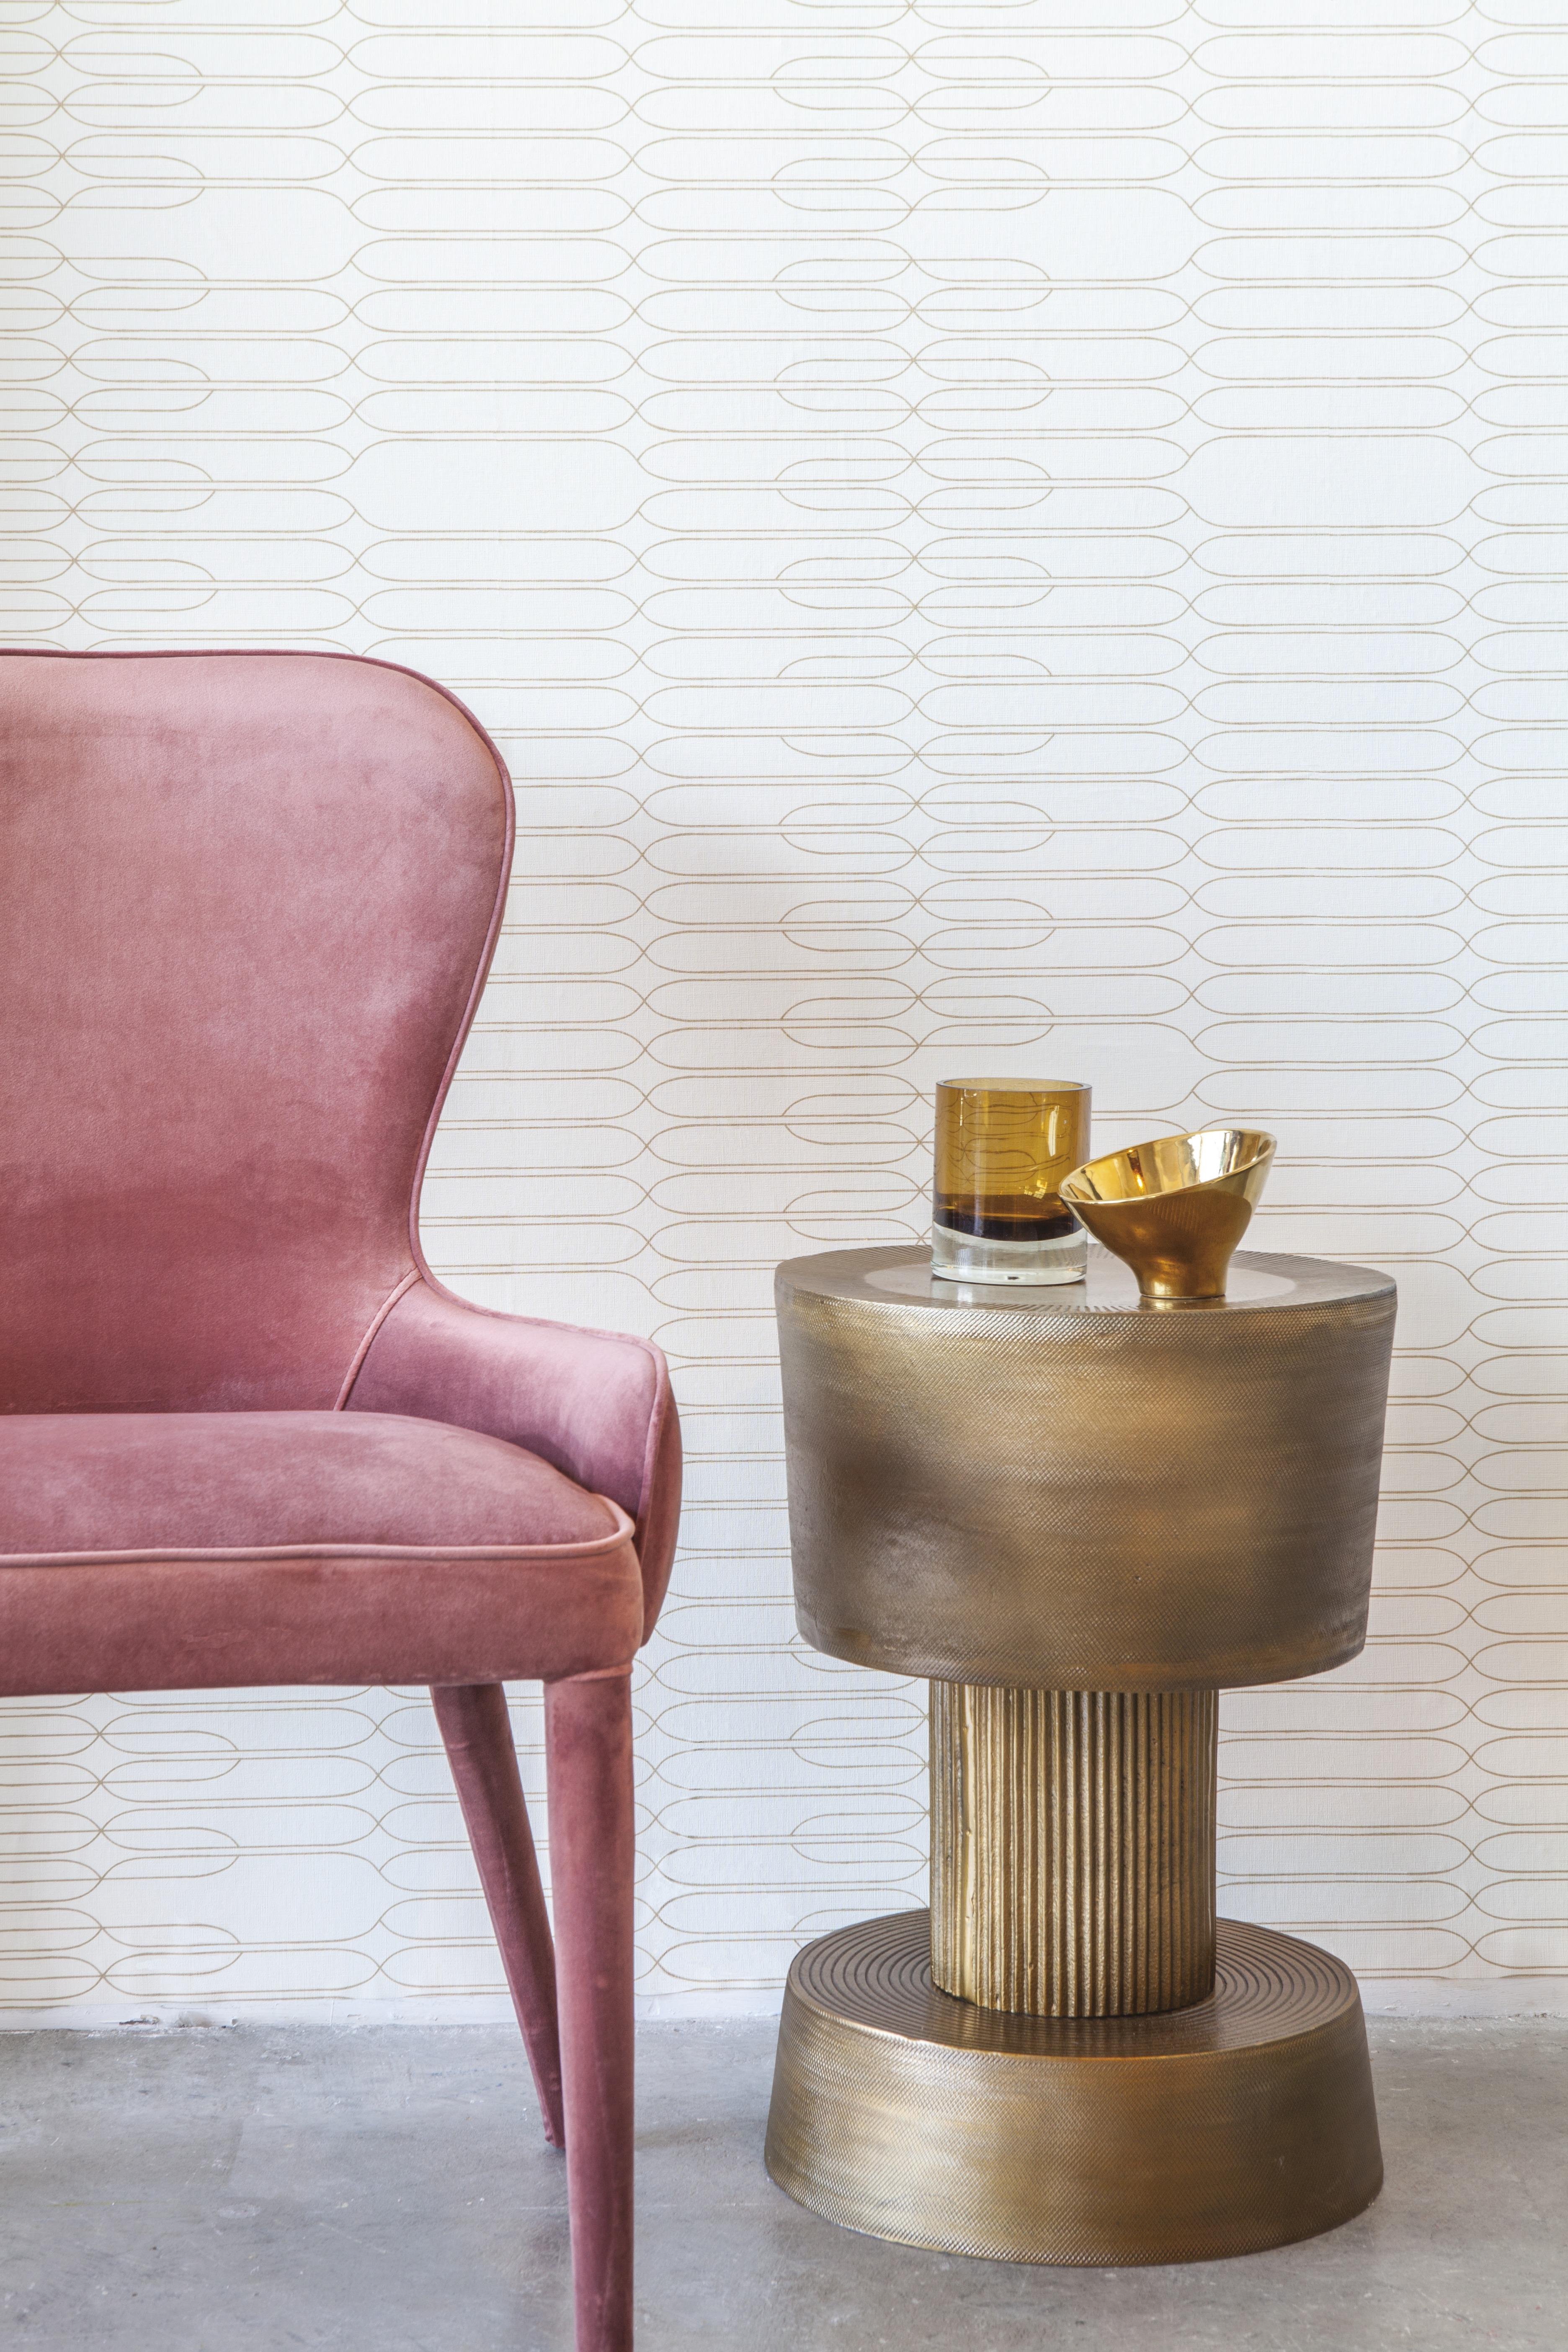 Minimalista tapéta krém alapon arany geometriai mintákkal